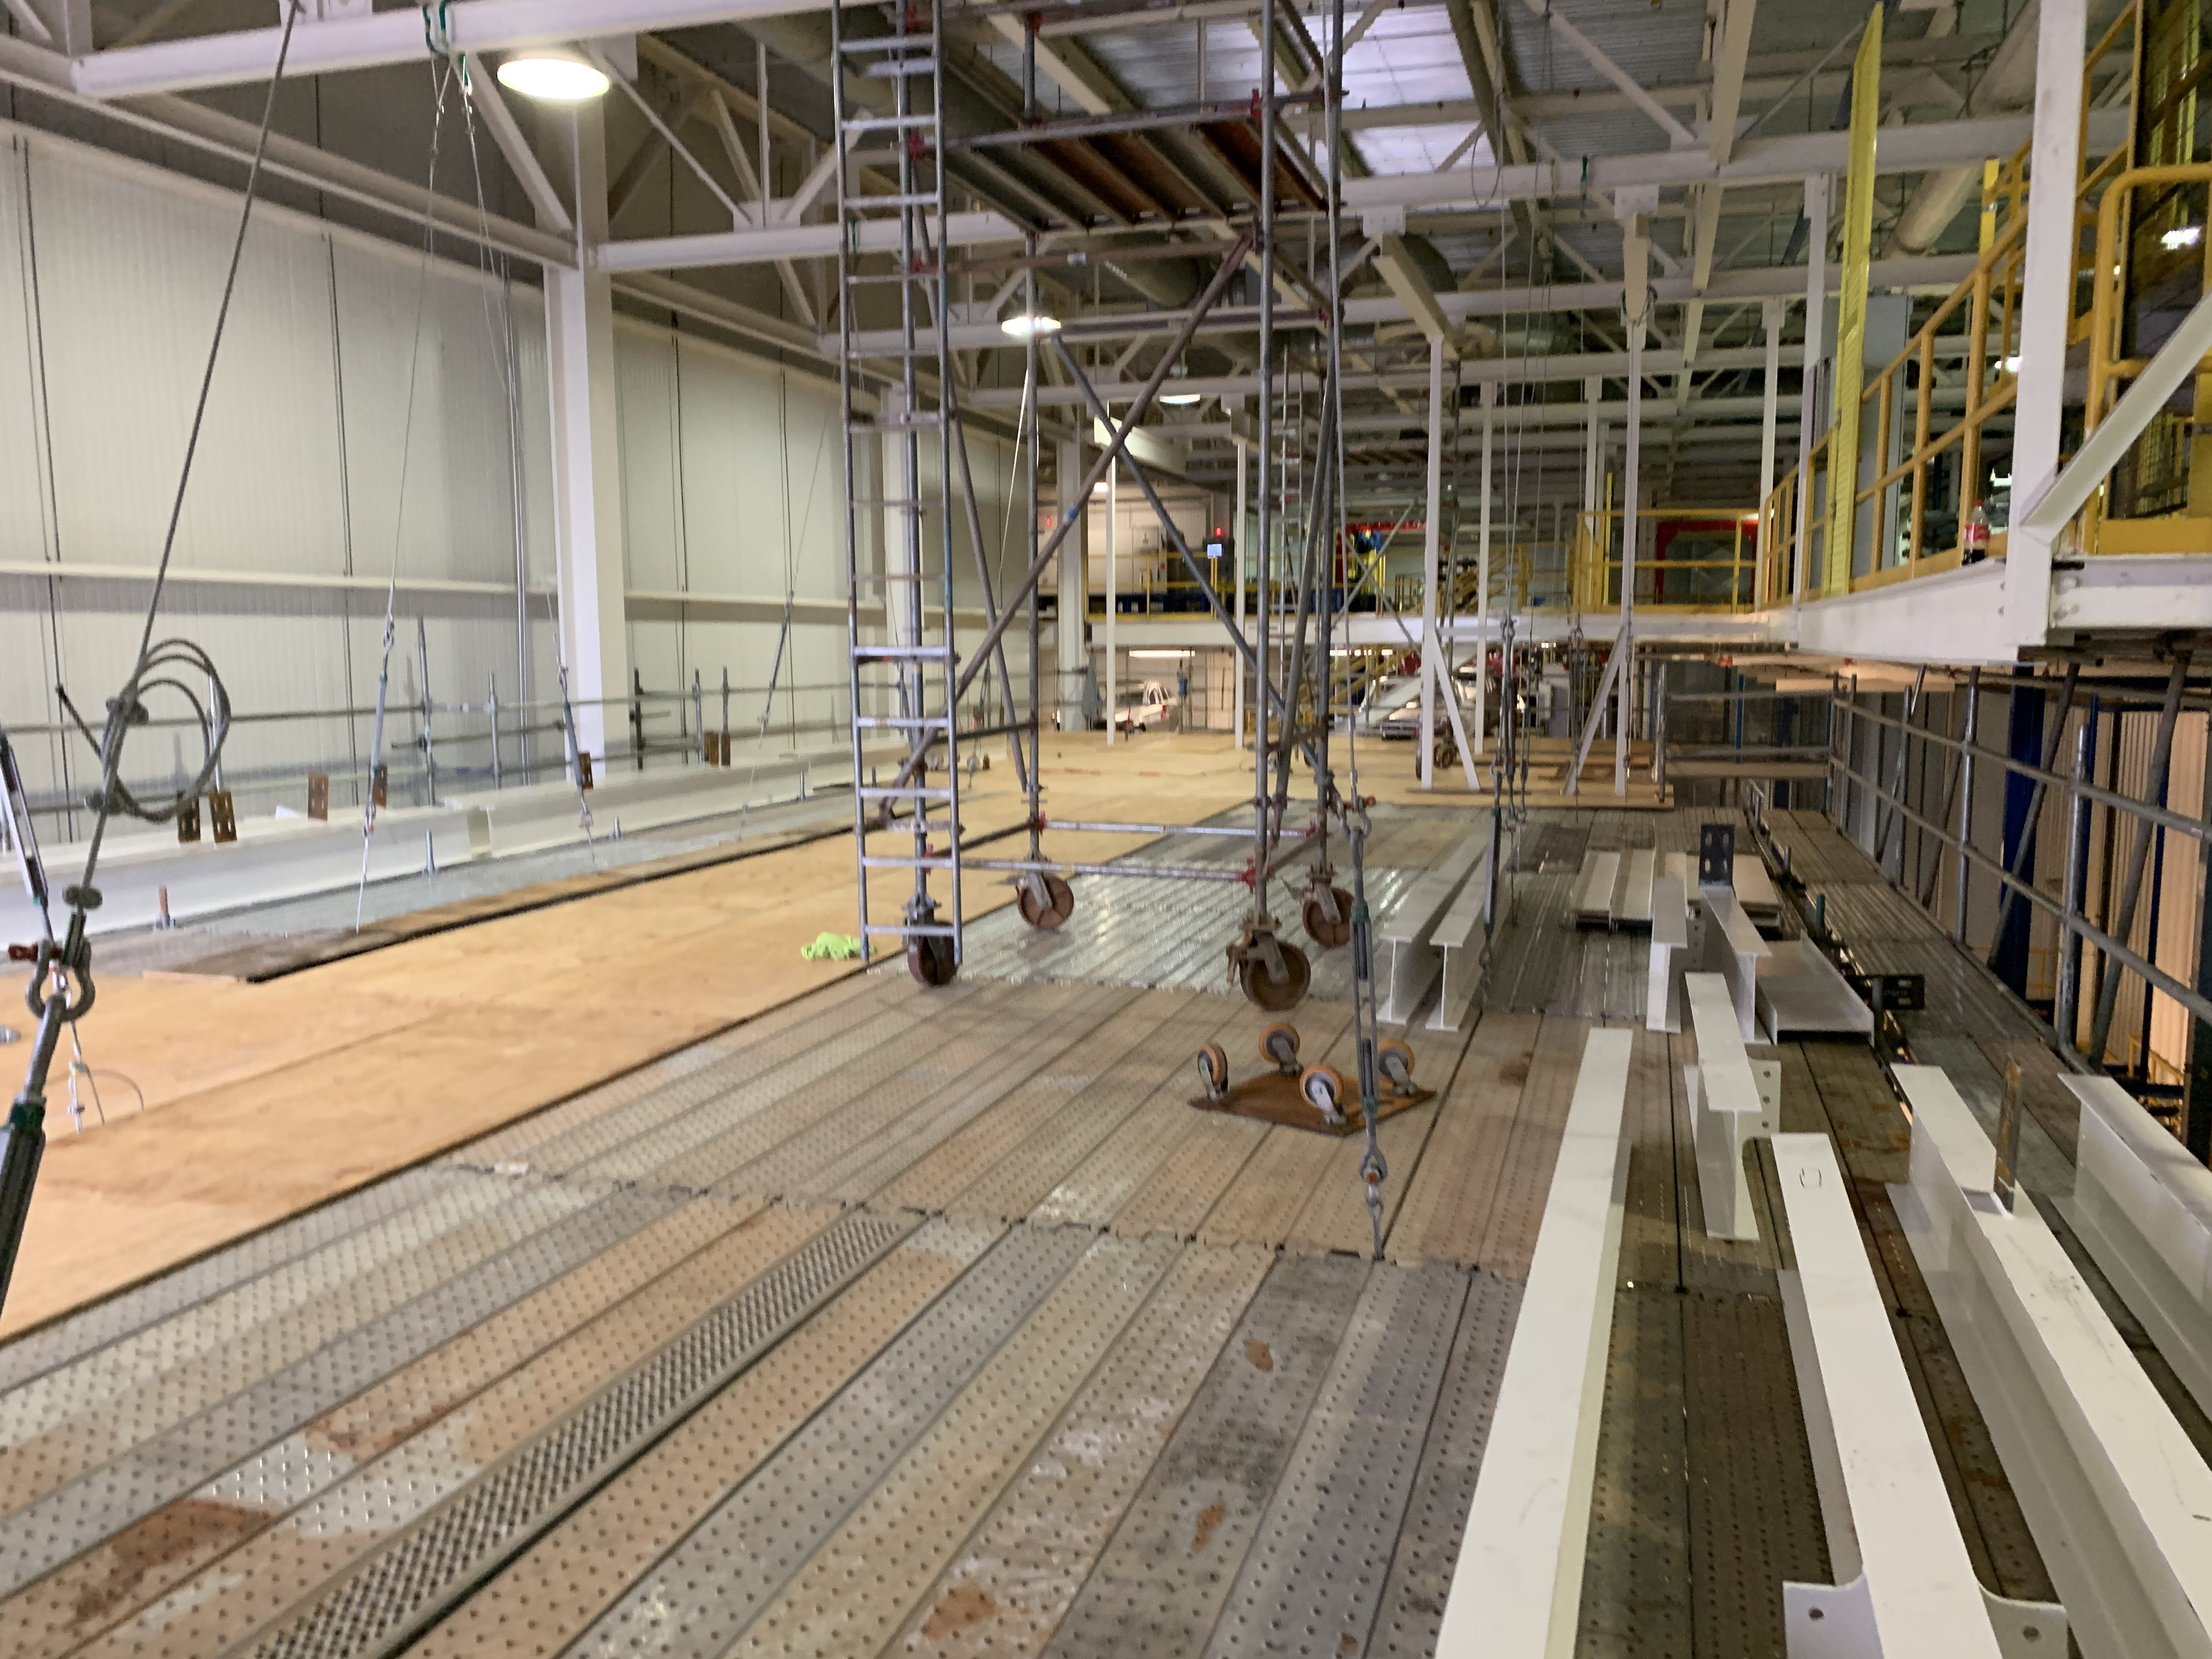 New Mezzanine in Industrial Plant scaffold 20